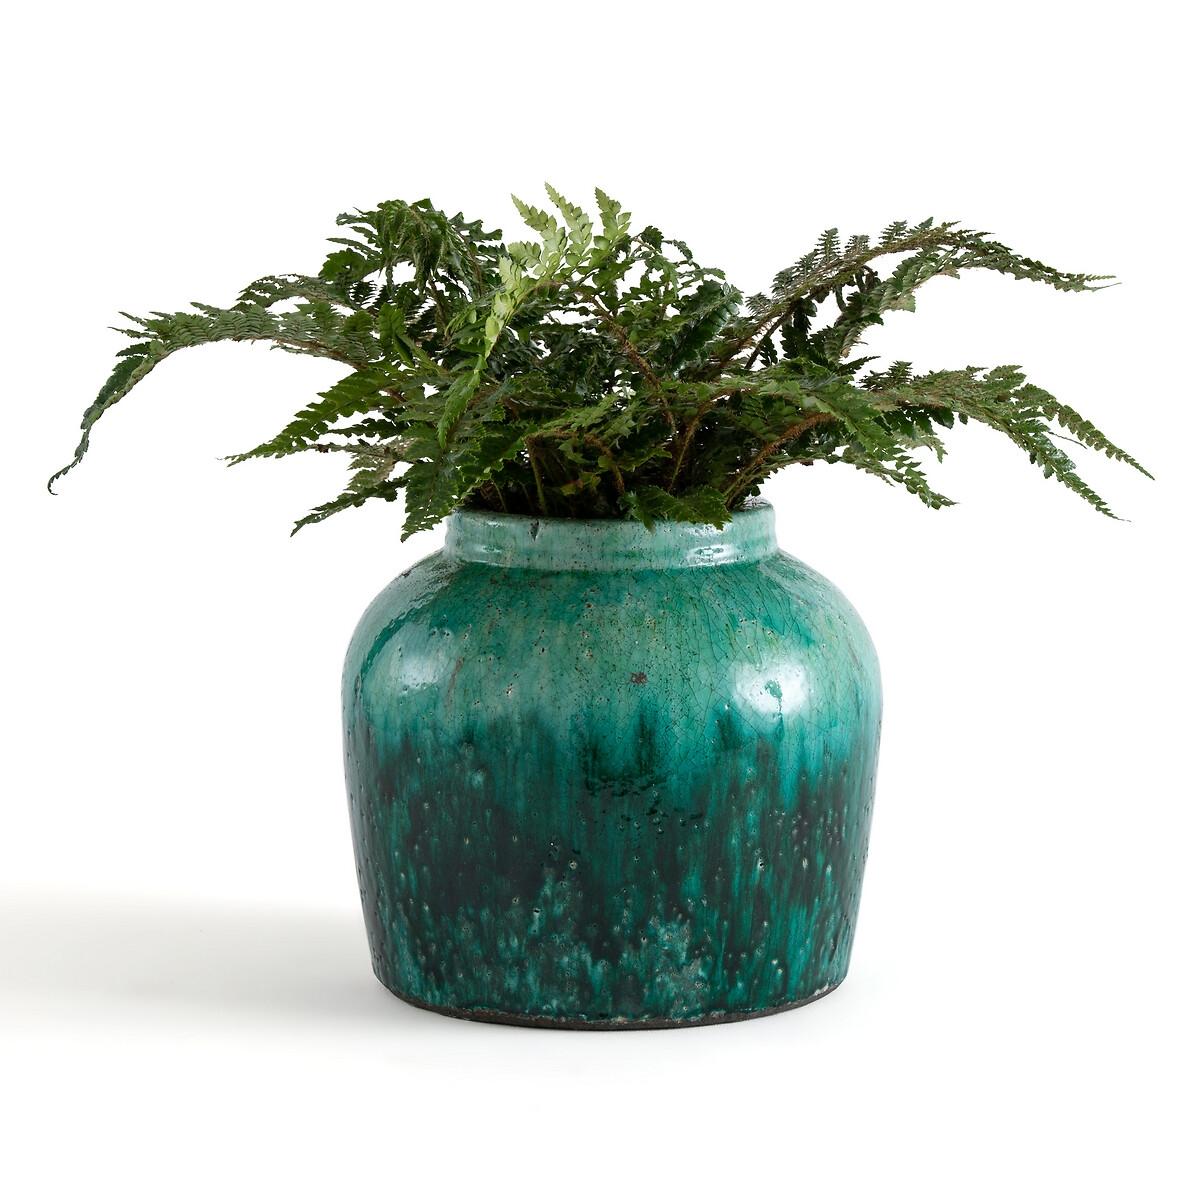 Фото - Ваза LaRedoute Из глазурованной керамики В28 см Chloris единый размер синий 4 десертные laredoute тарелки из глазурованной керамики anika единый размер серый